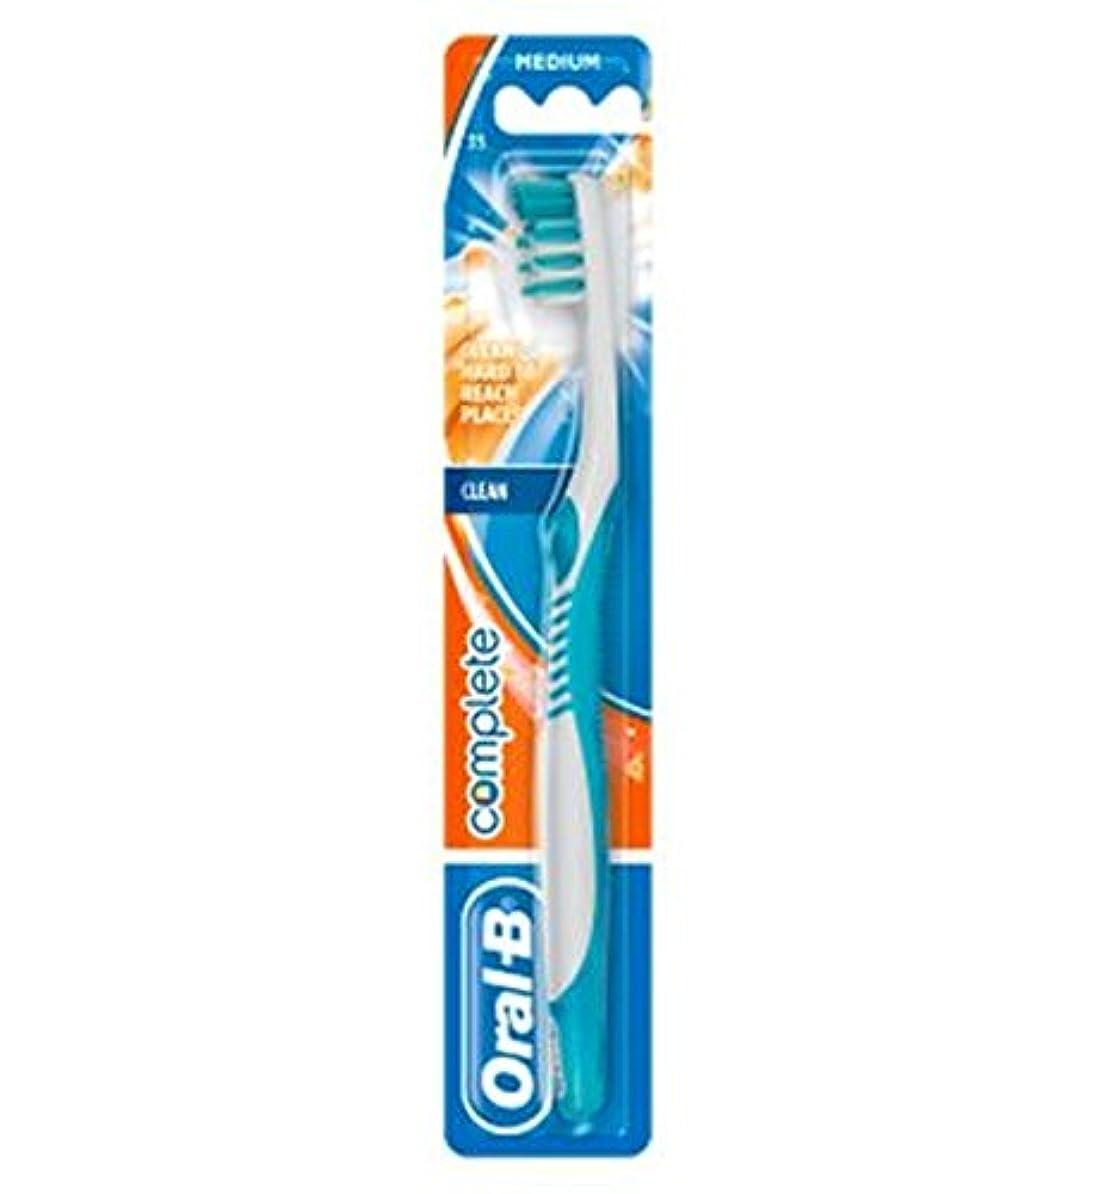 虐殺甥タオルOral-B Advantage Plus 35 Med Toothbrush - オーラルB?アドバンテージ?プラス35 Med歯ブラシ (Oral B) [並行輸入品]